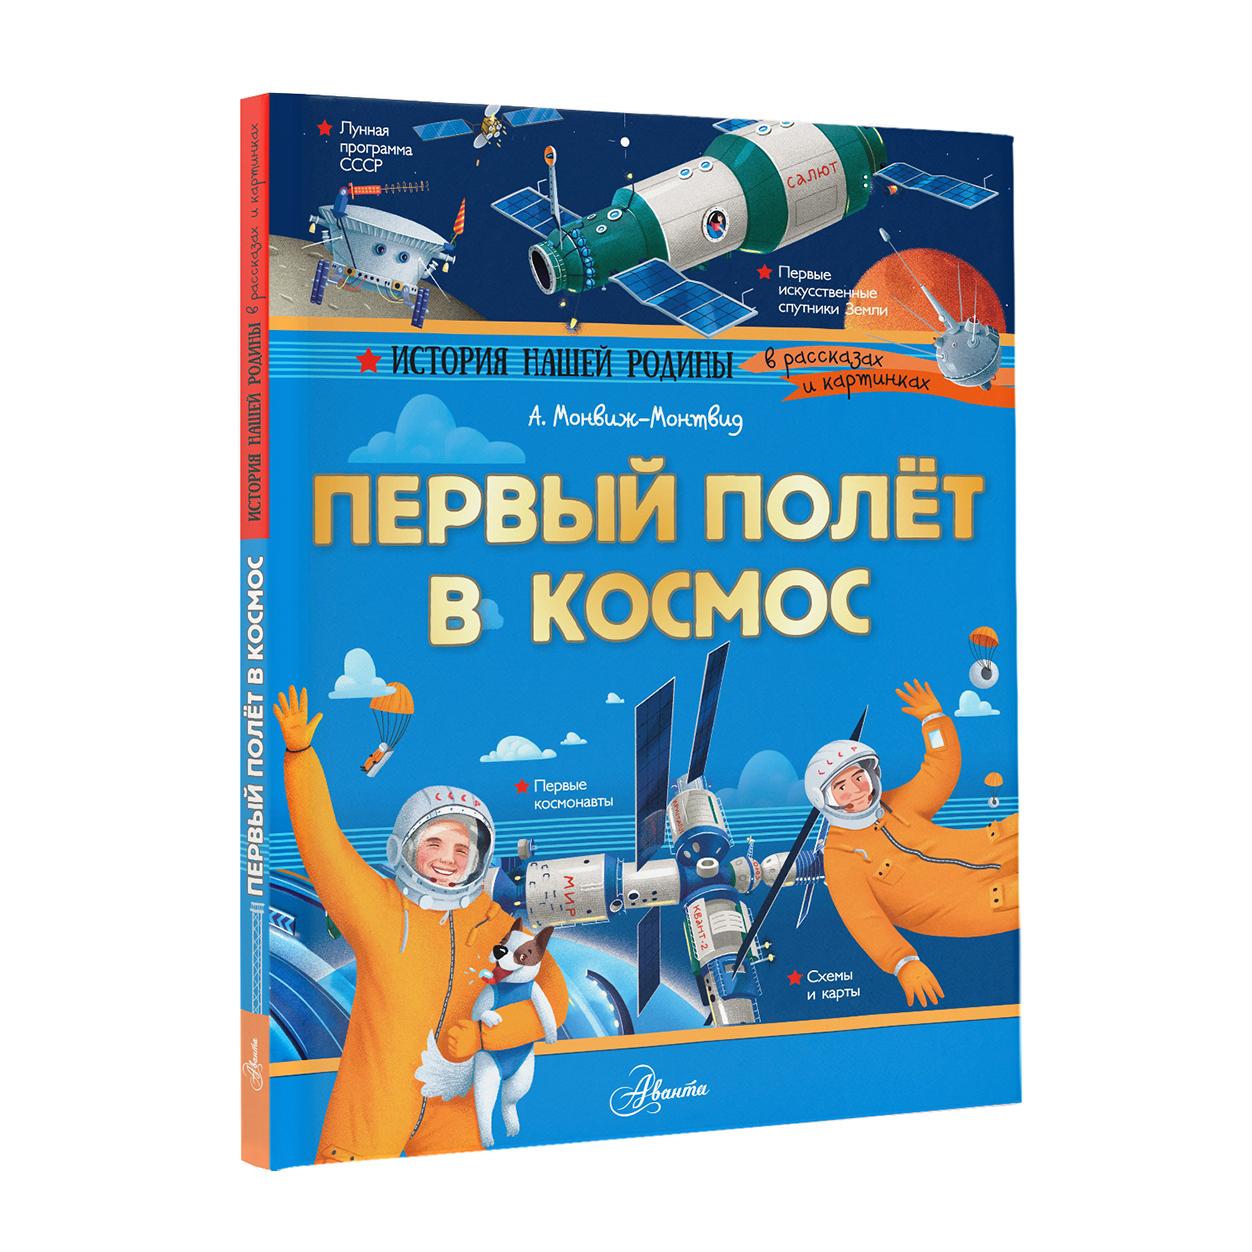 Книга АСТ Первый полёт в космос монвиж монтвид александр игоревич первый полёт в космос